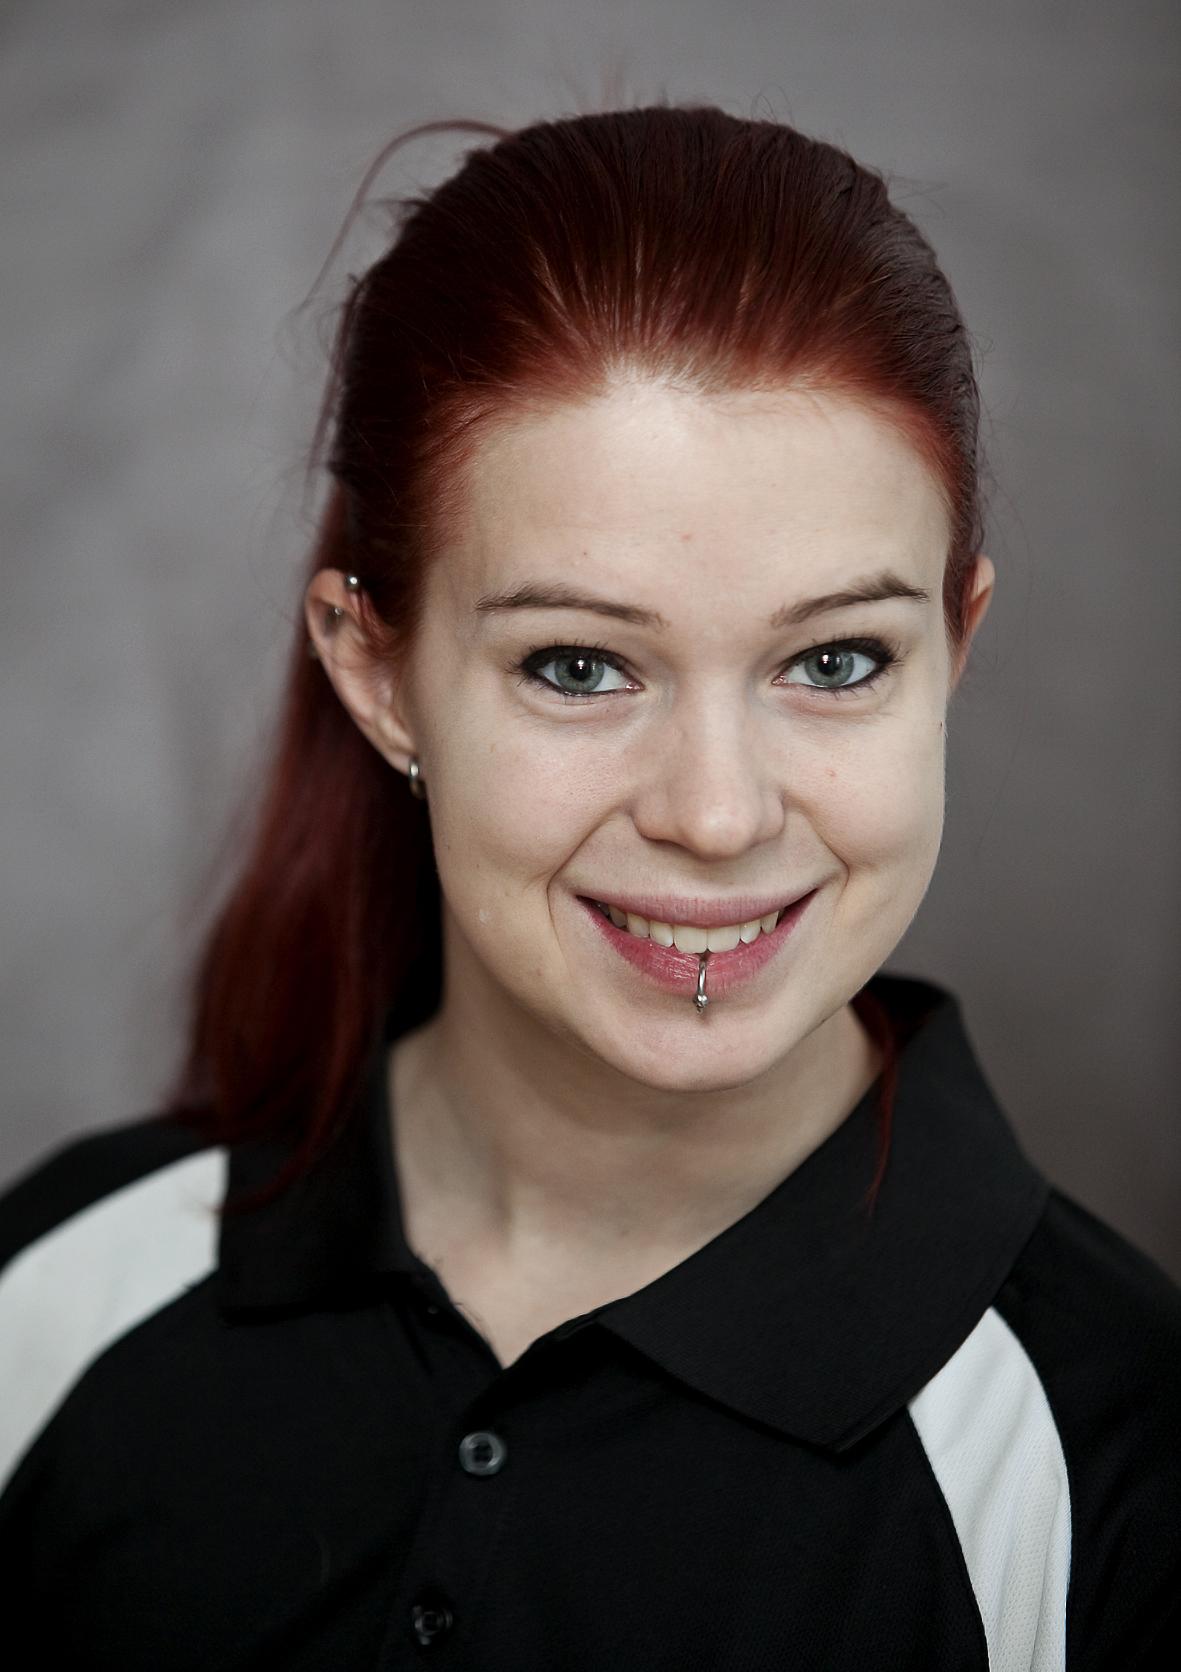 Mia Torstensson